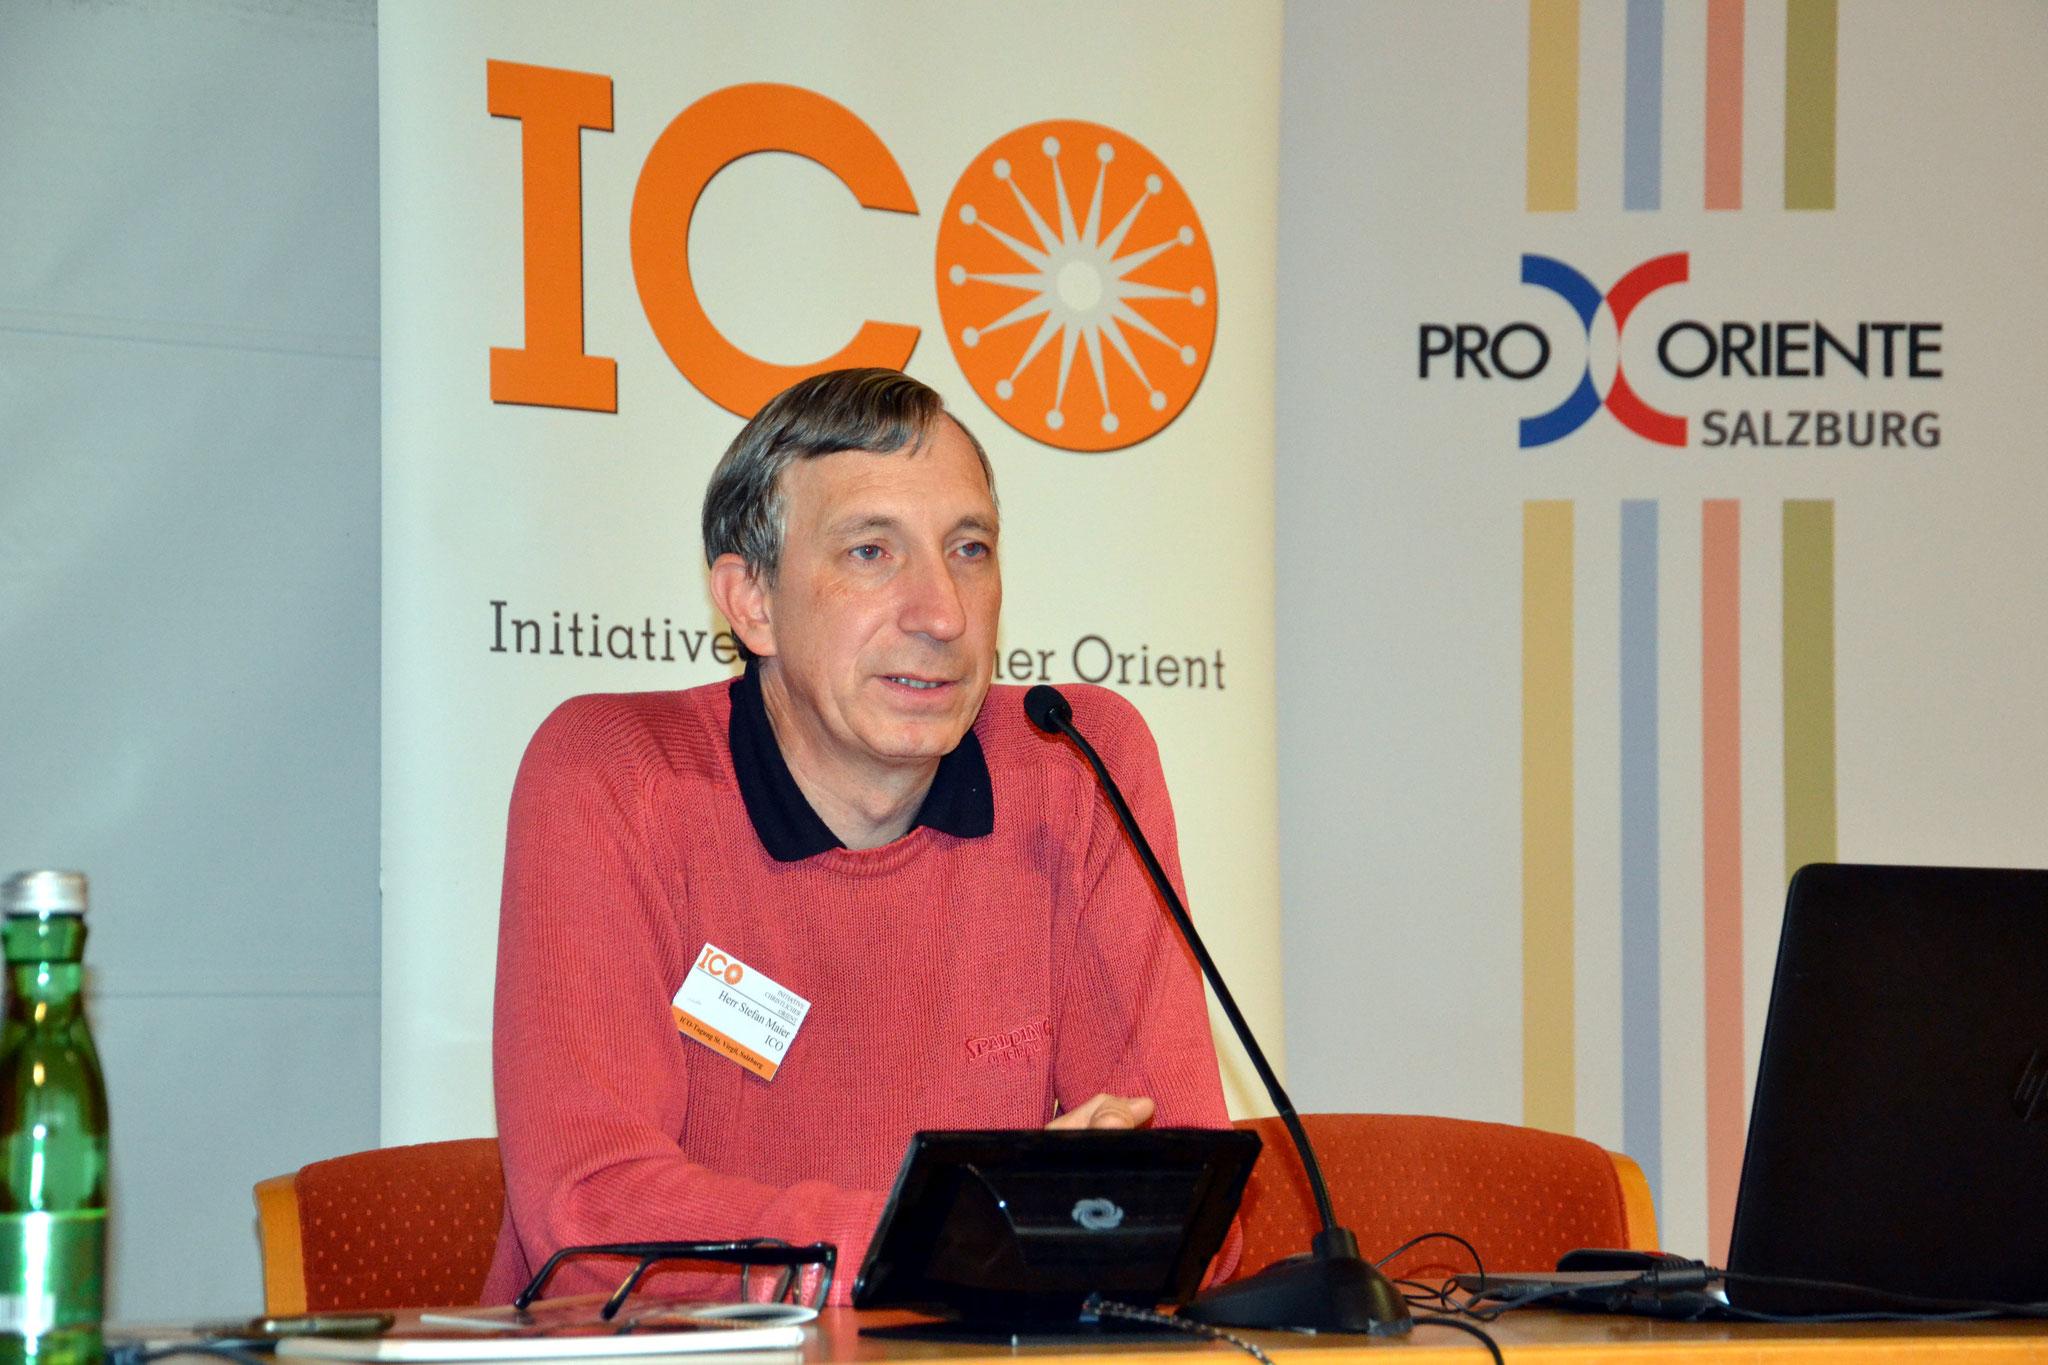 ICO-Projektkoordinator Stefan Maier berichtete über die zahlreichen Hilfsprojekte der ICO. Im Jahr 2020 waren es insgesamt rund 70.